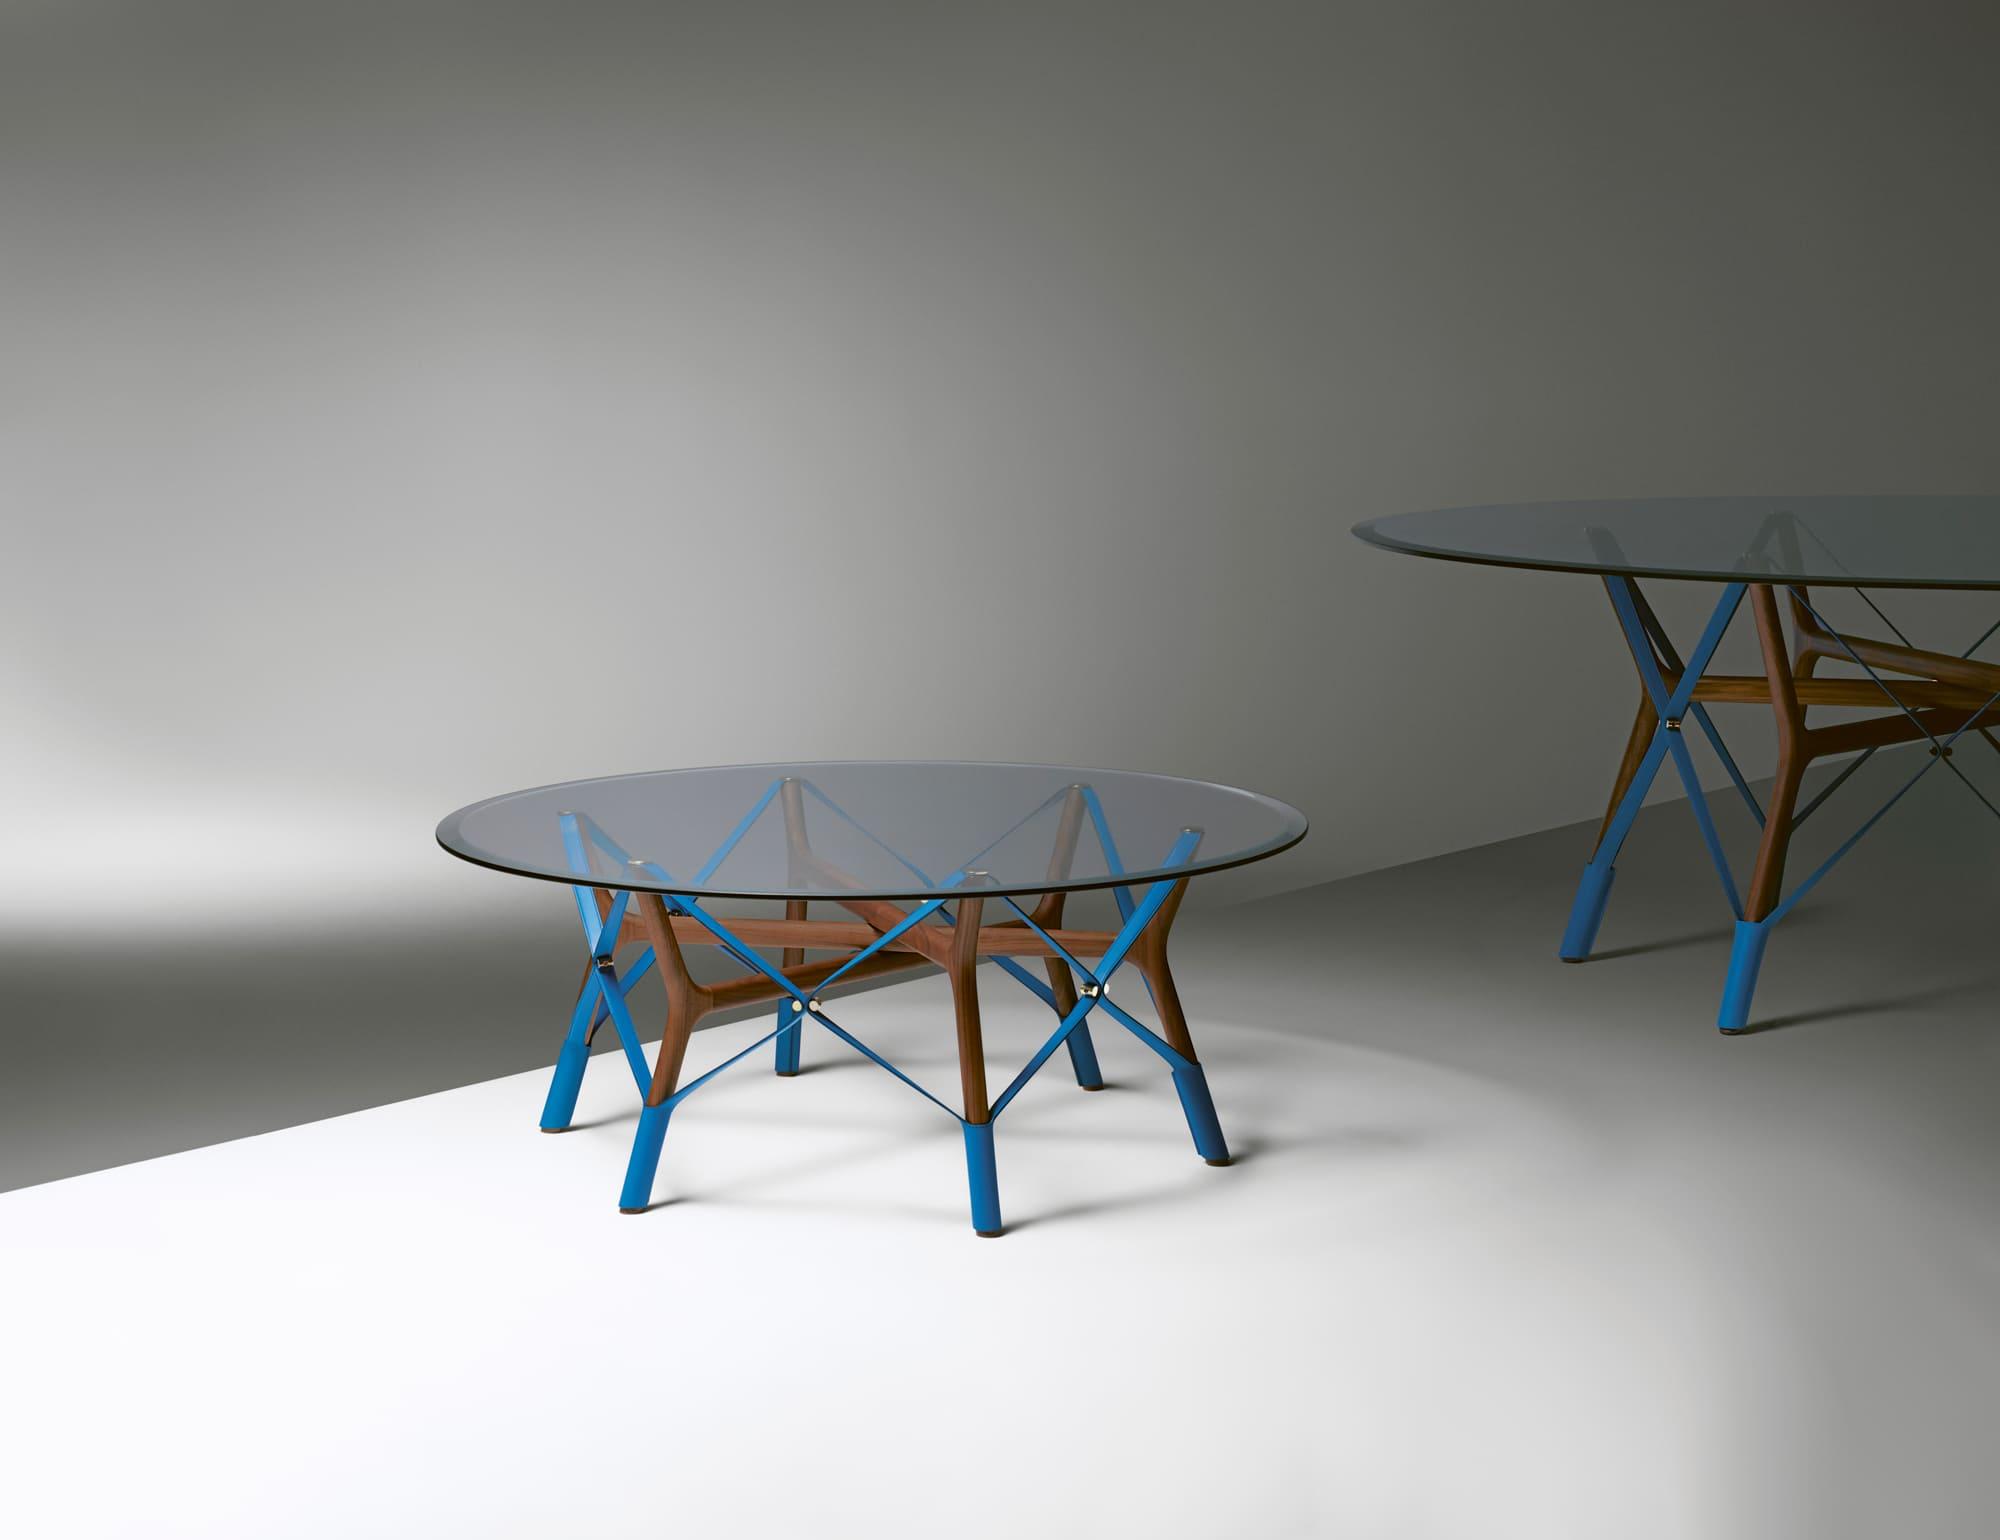 アトリエ・オイデザインによる「ルイ・ヴィトン オブジェ・ノマド コレクション」の最新作「SERPENTINE TABLE」